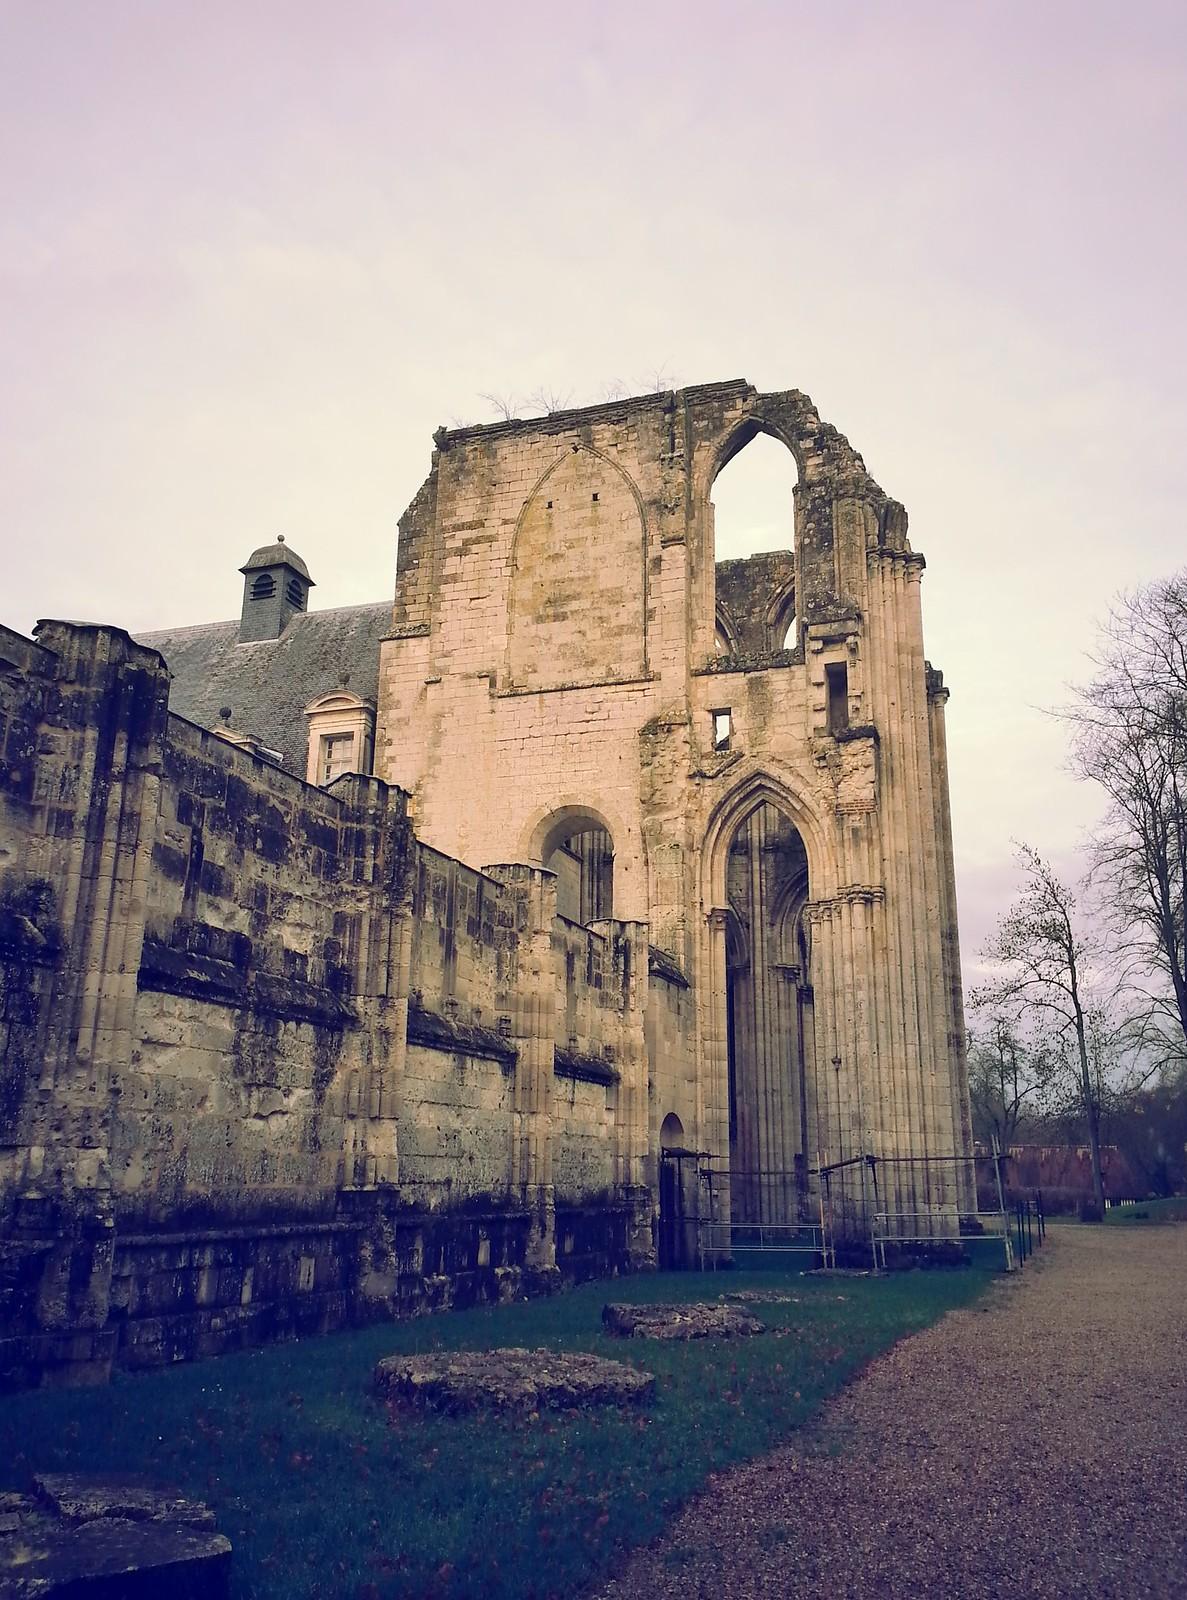 12-16-15 (Saint-Wandrille) Abbaye de Saint Wandrille.